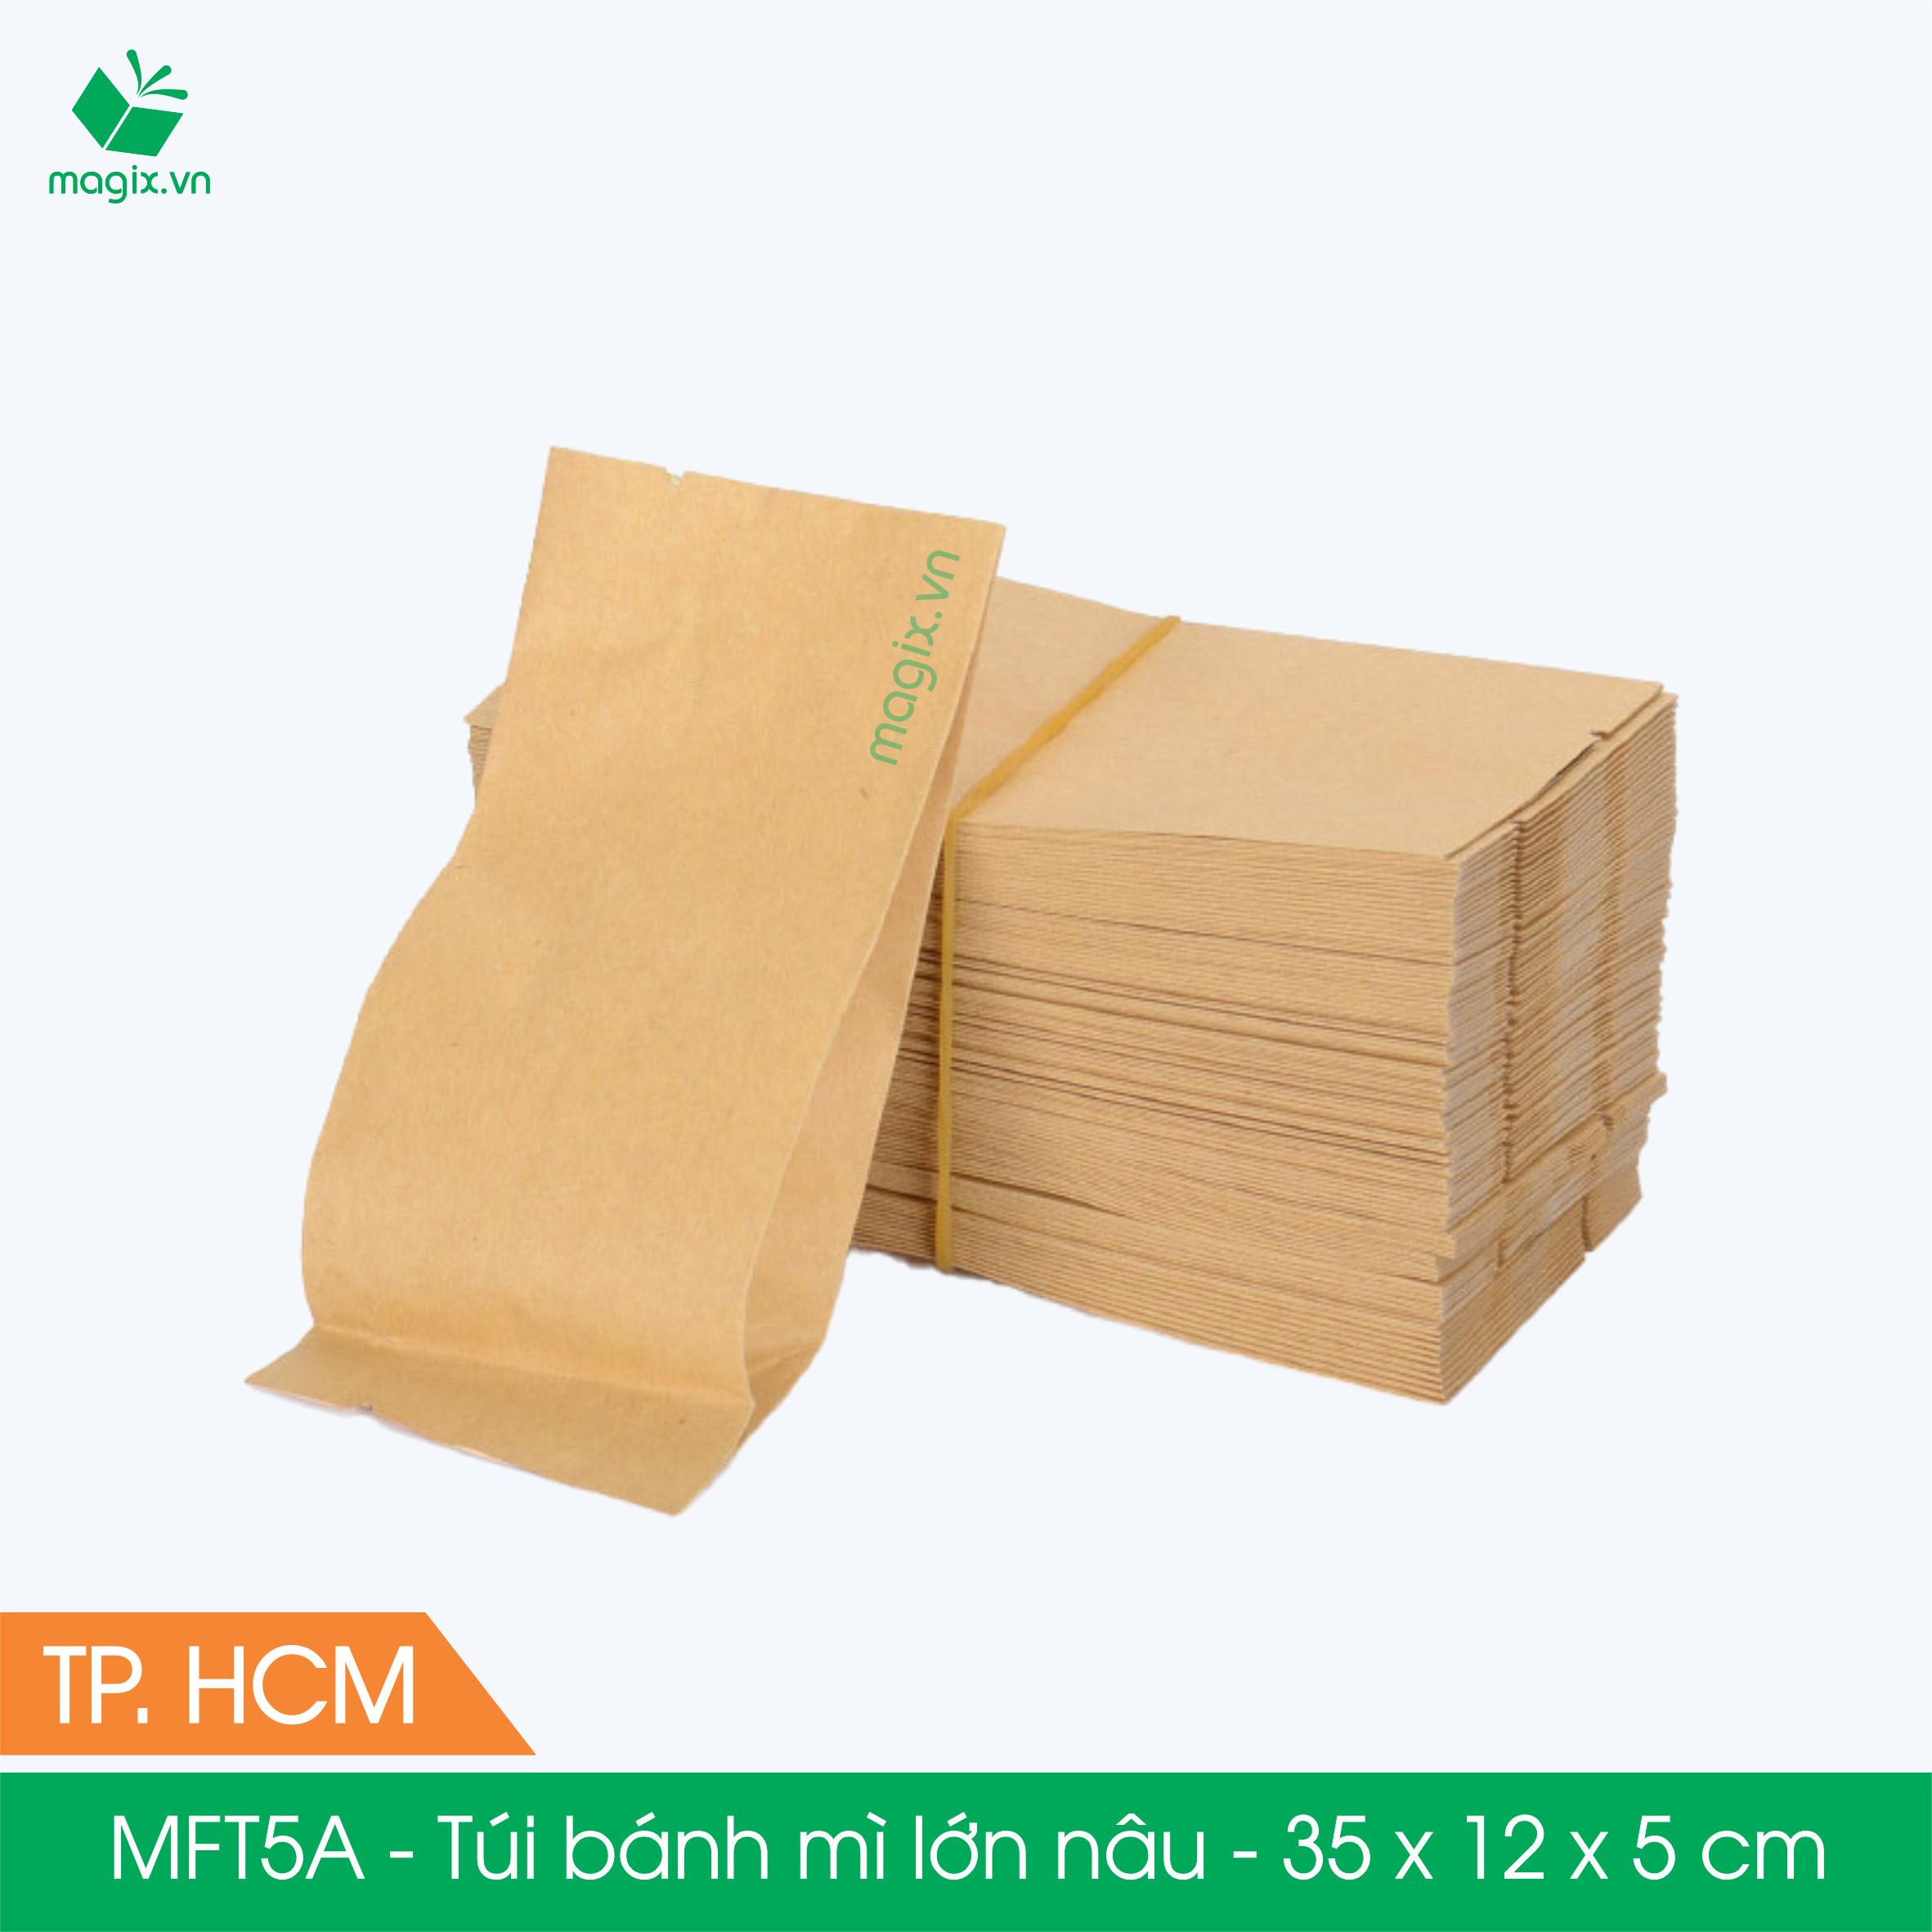 MFT5A- 35x12x5 cm - 1000 Túi đựng thực phẩm - Túi đựng đồ ăn